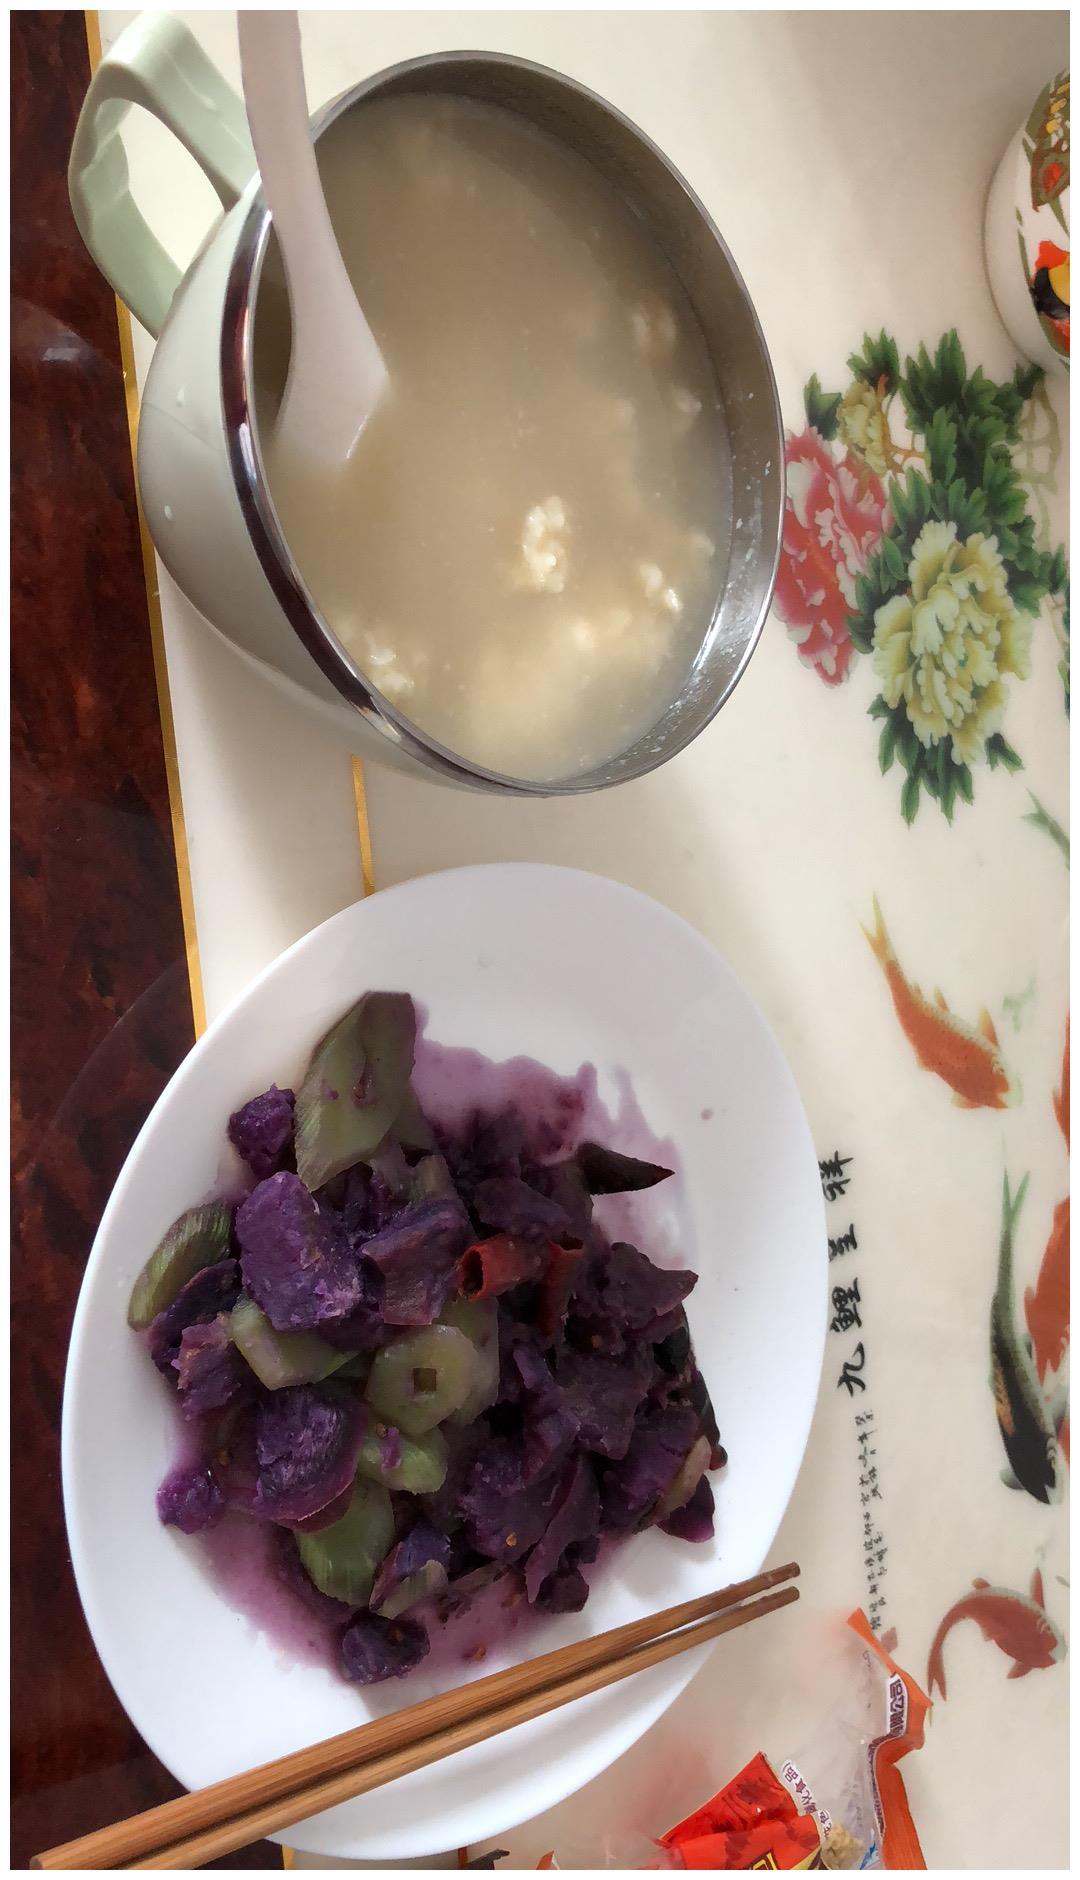 黑暗料理之,莴笋紫薯篇